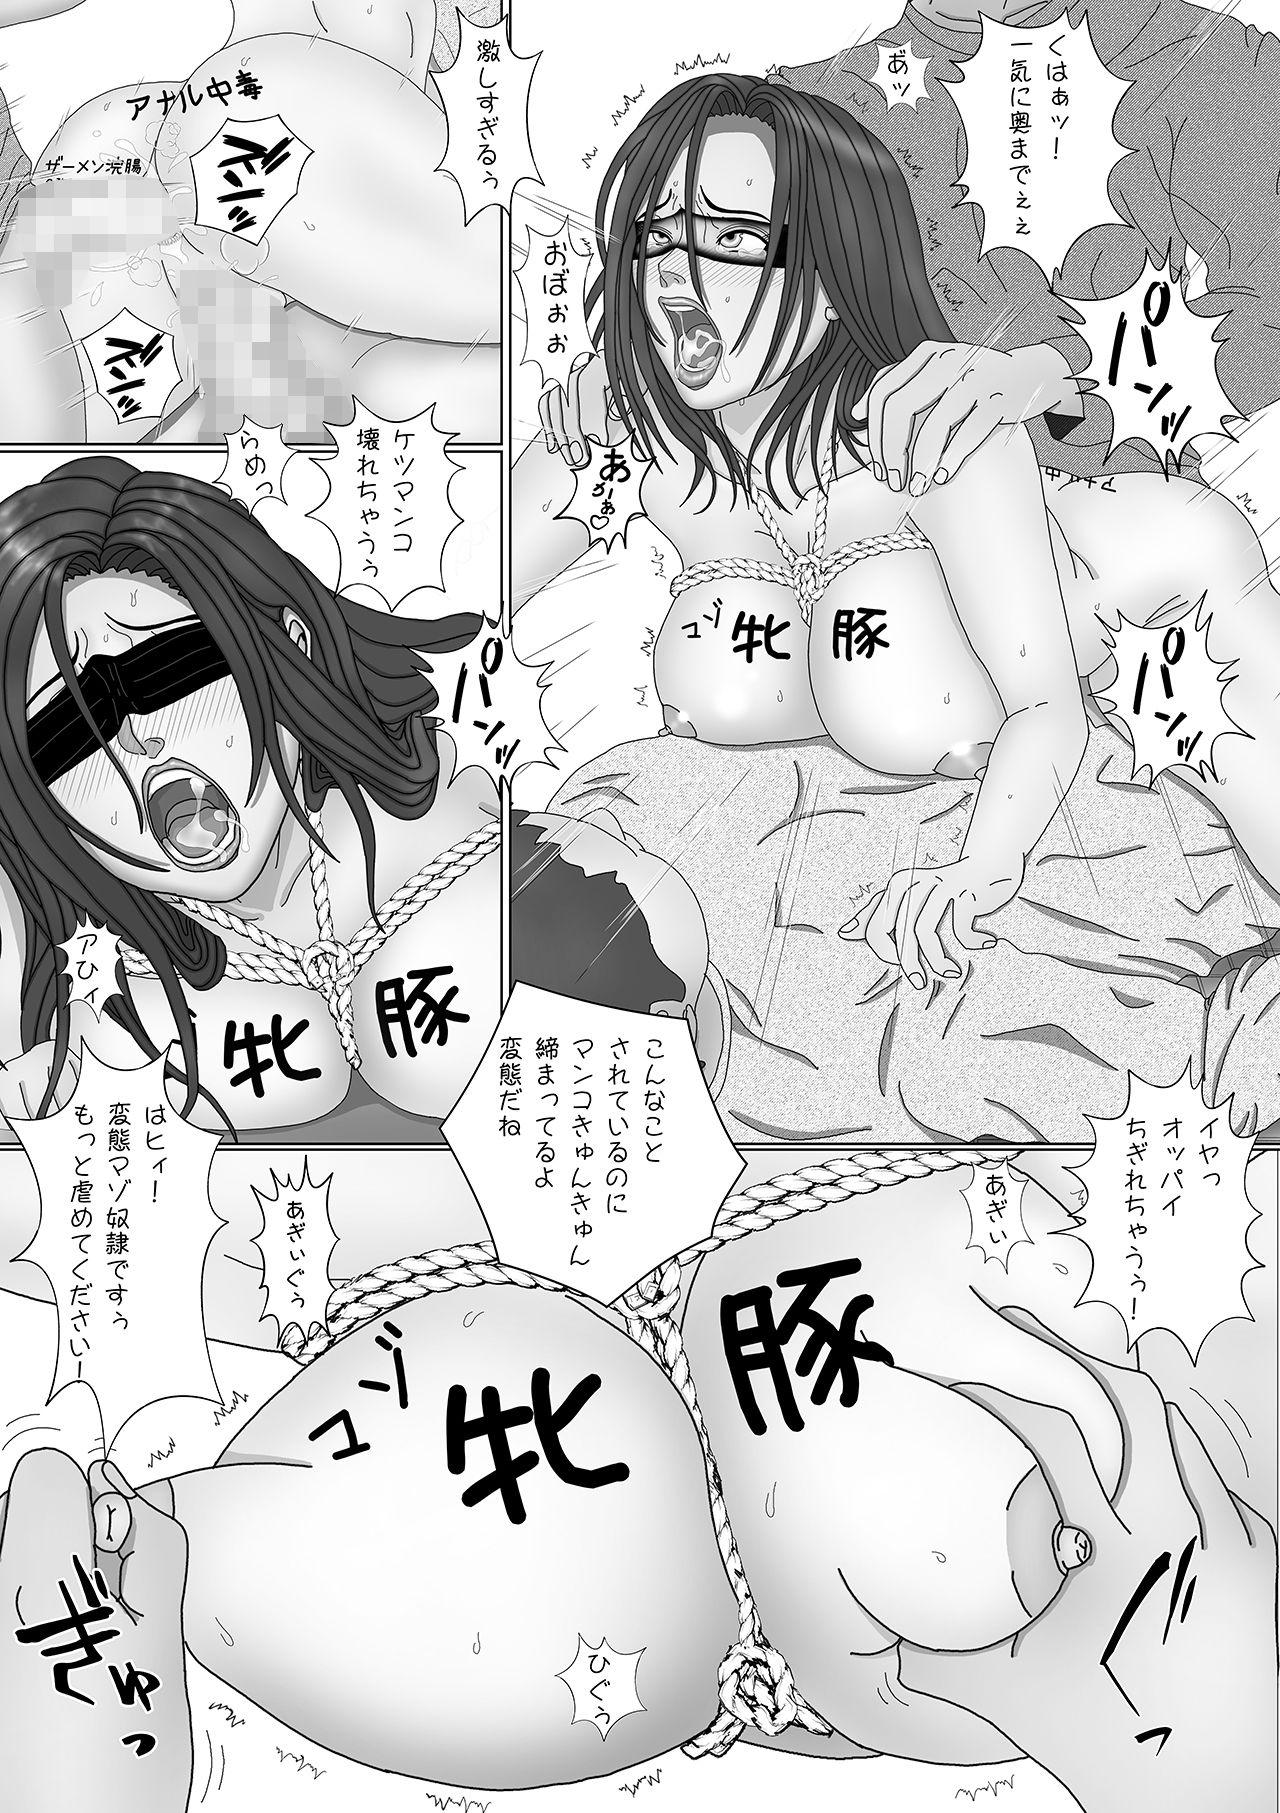 ツマガサネ Vol.36